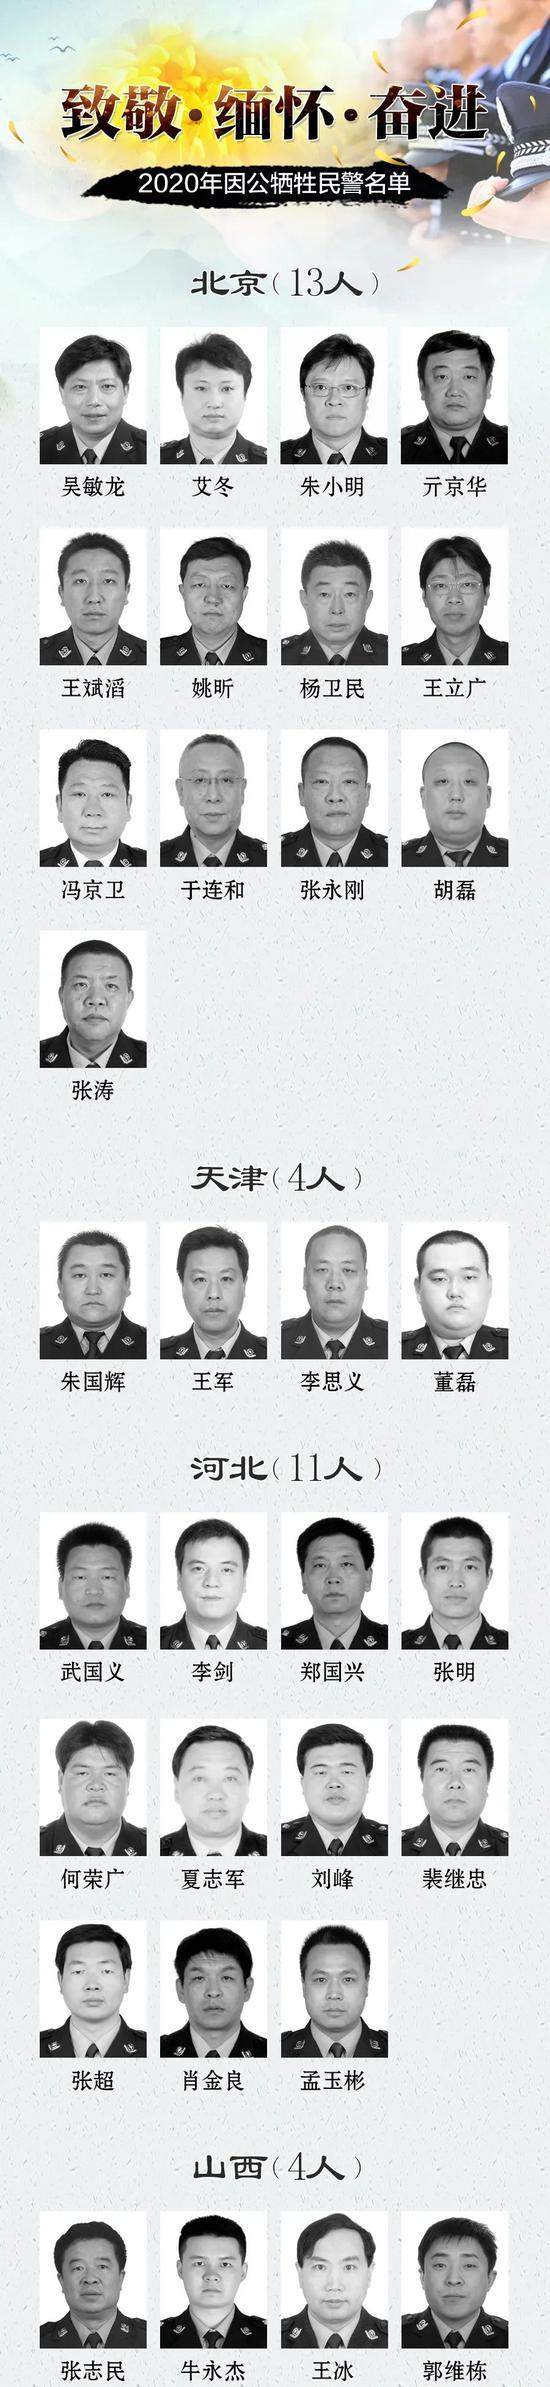 2020全国因公牺牲民警名单公布 广东云南人数最多